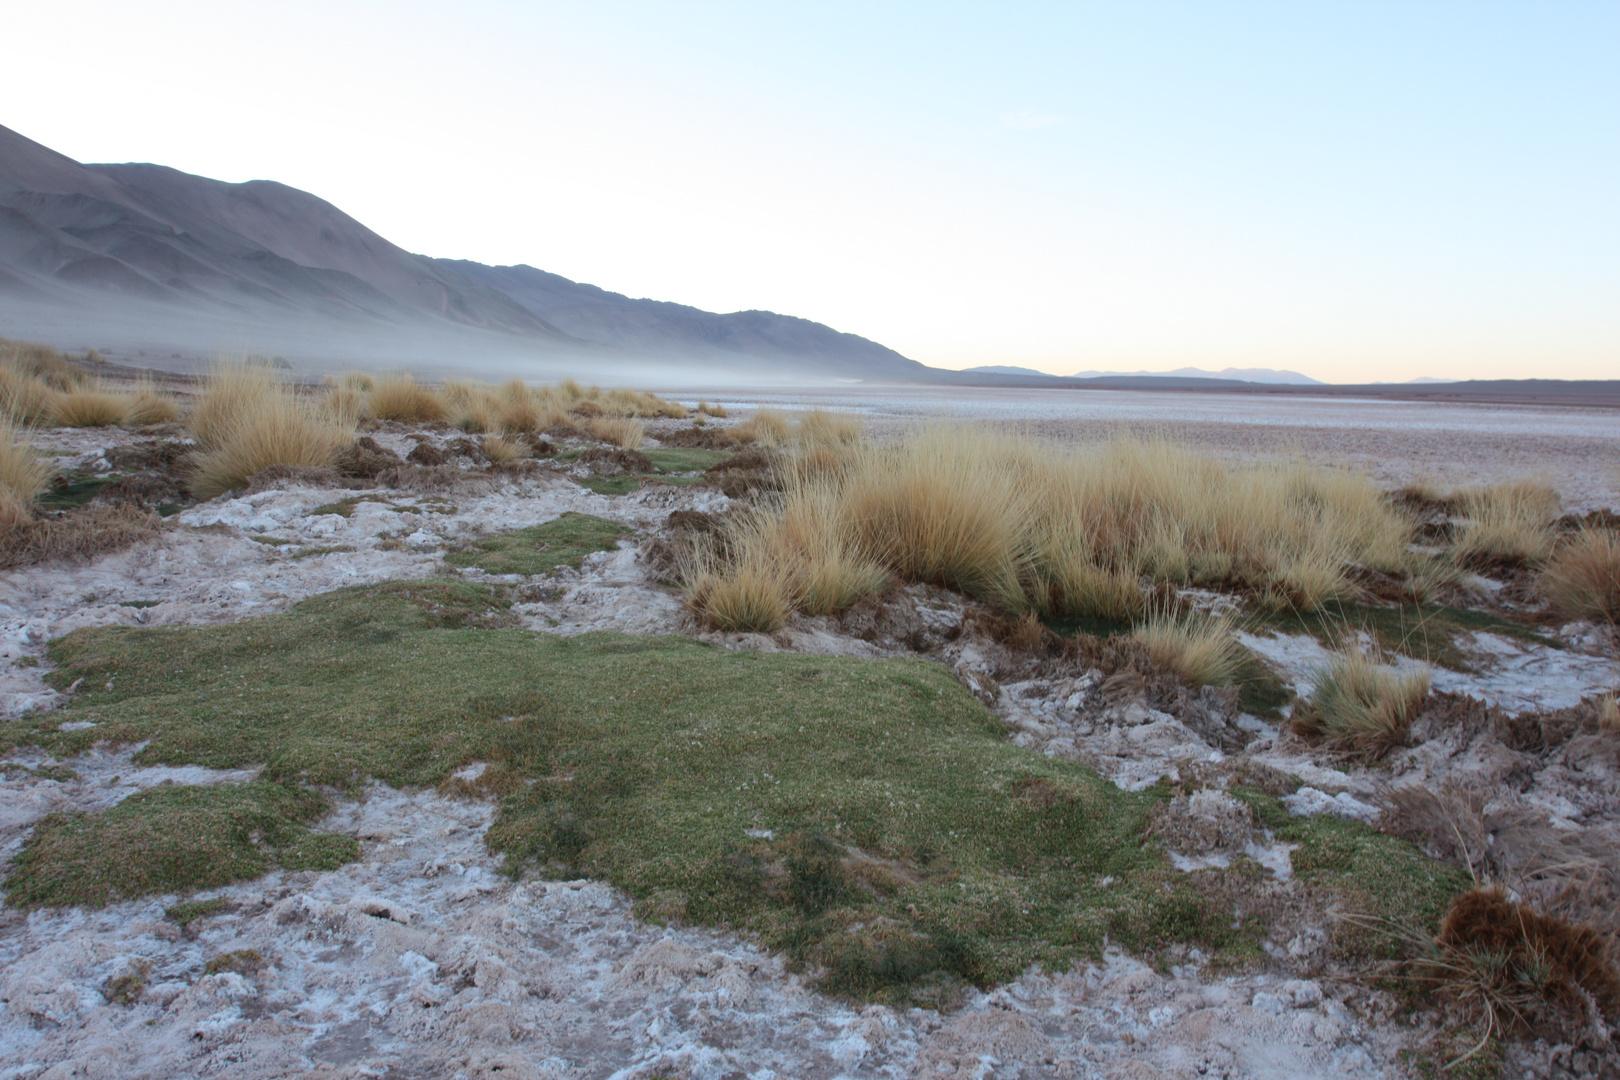 Morgens in der Puna (Andenhochebene in Argentinien)